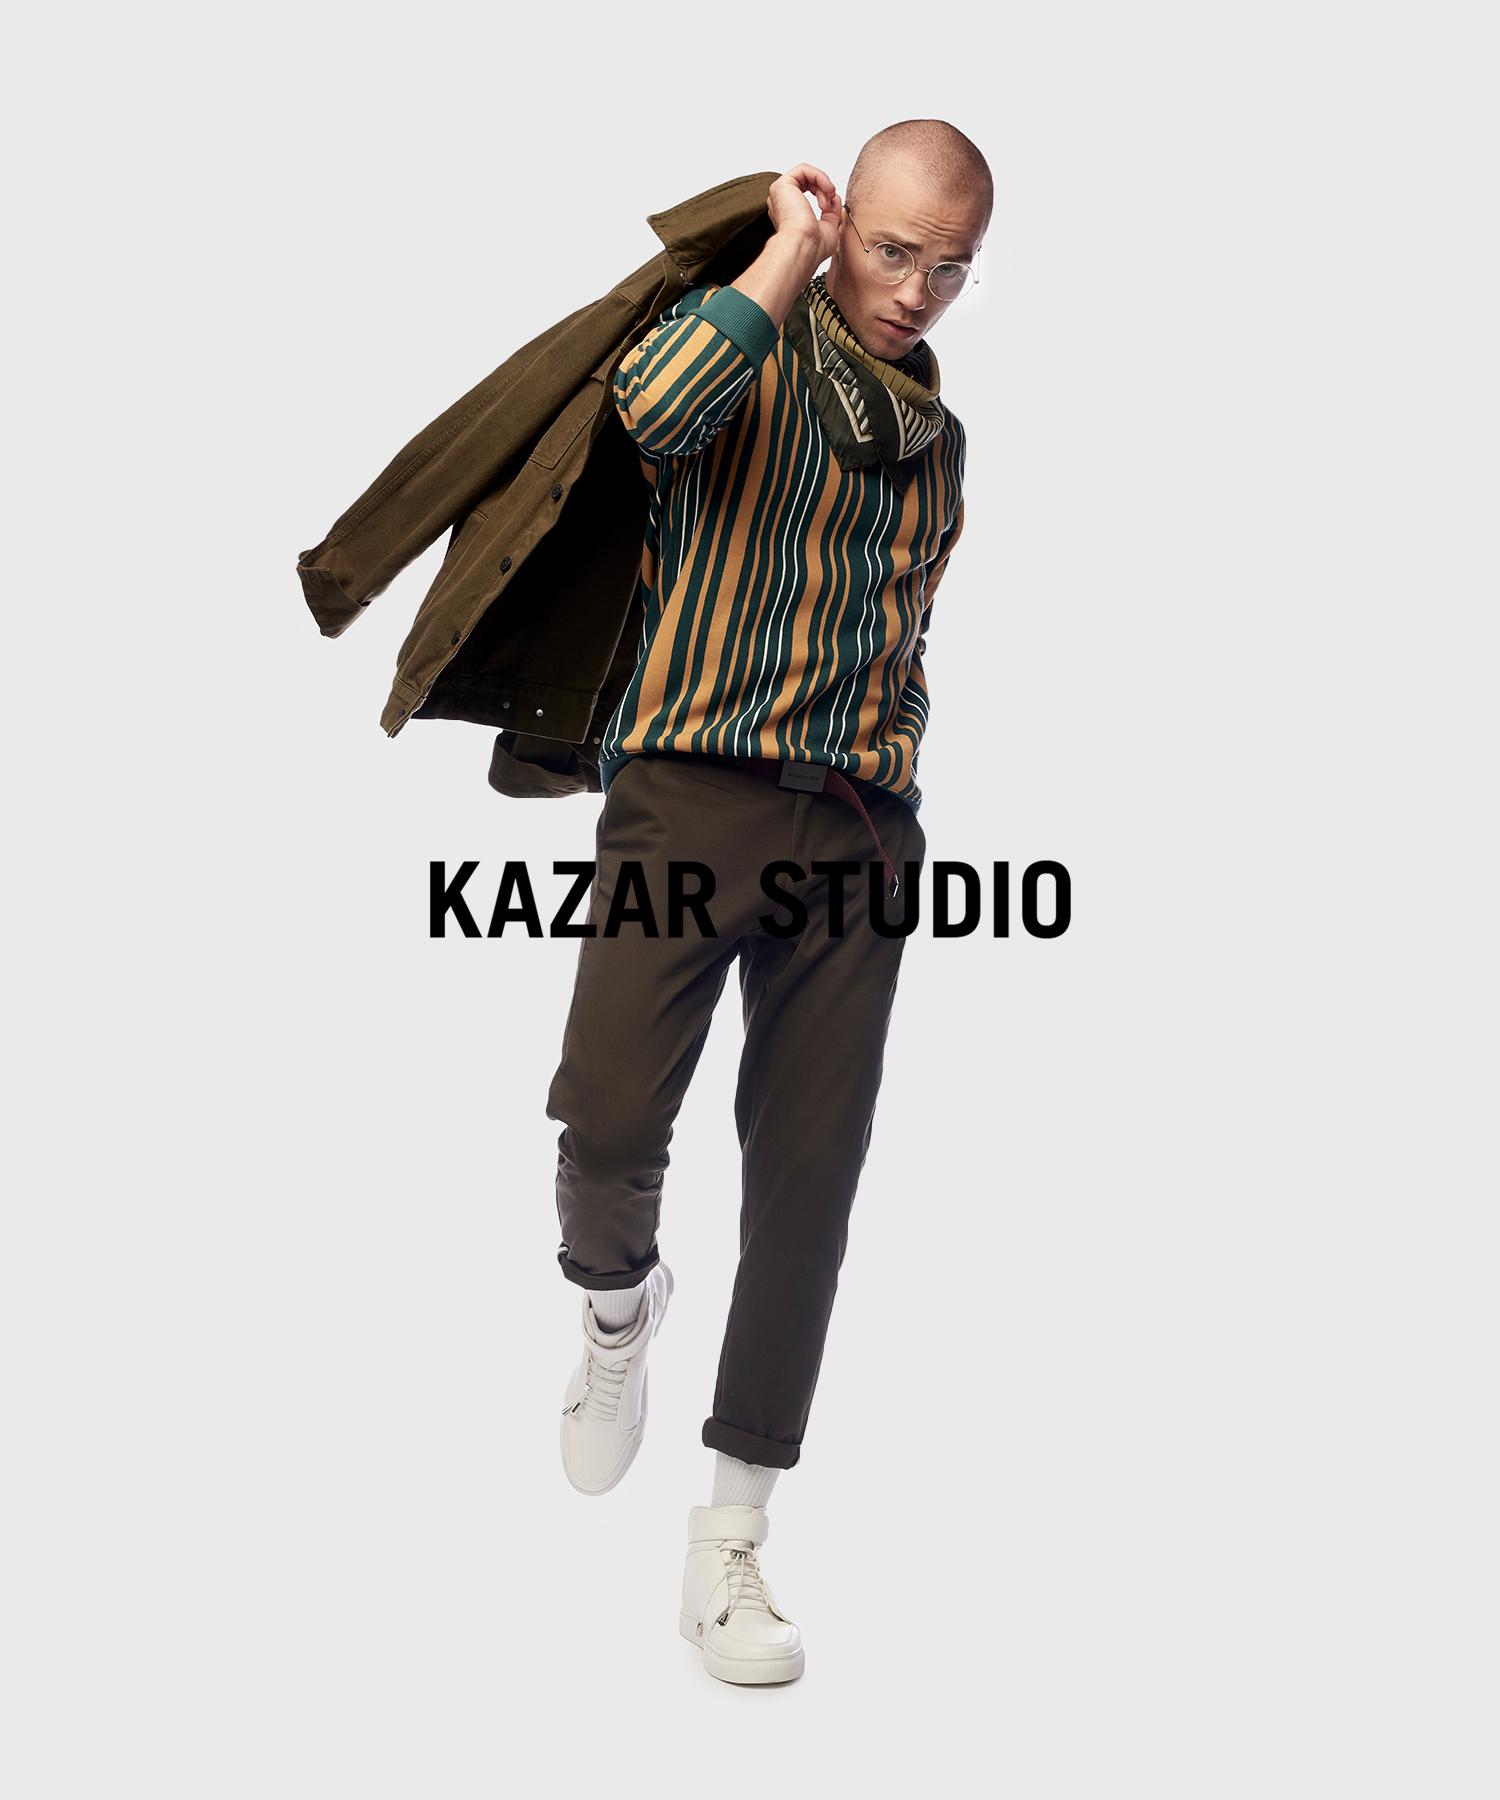 kazar studio00007.jpg